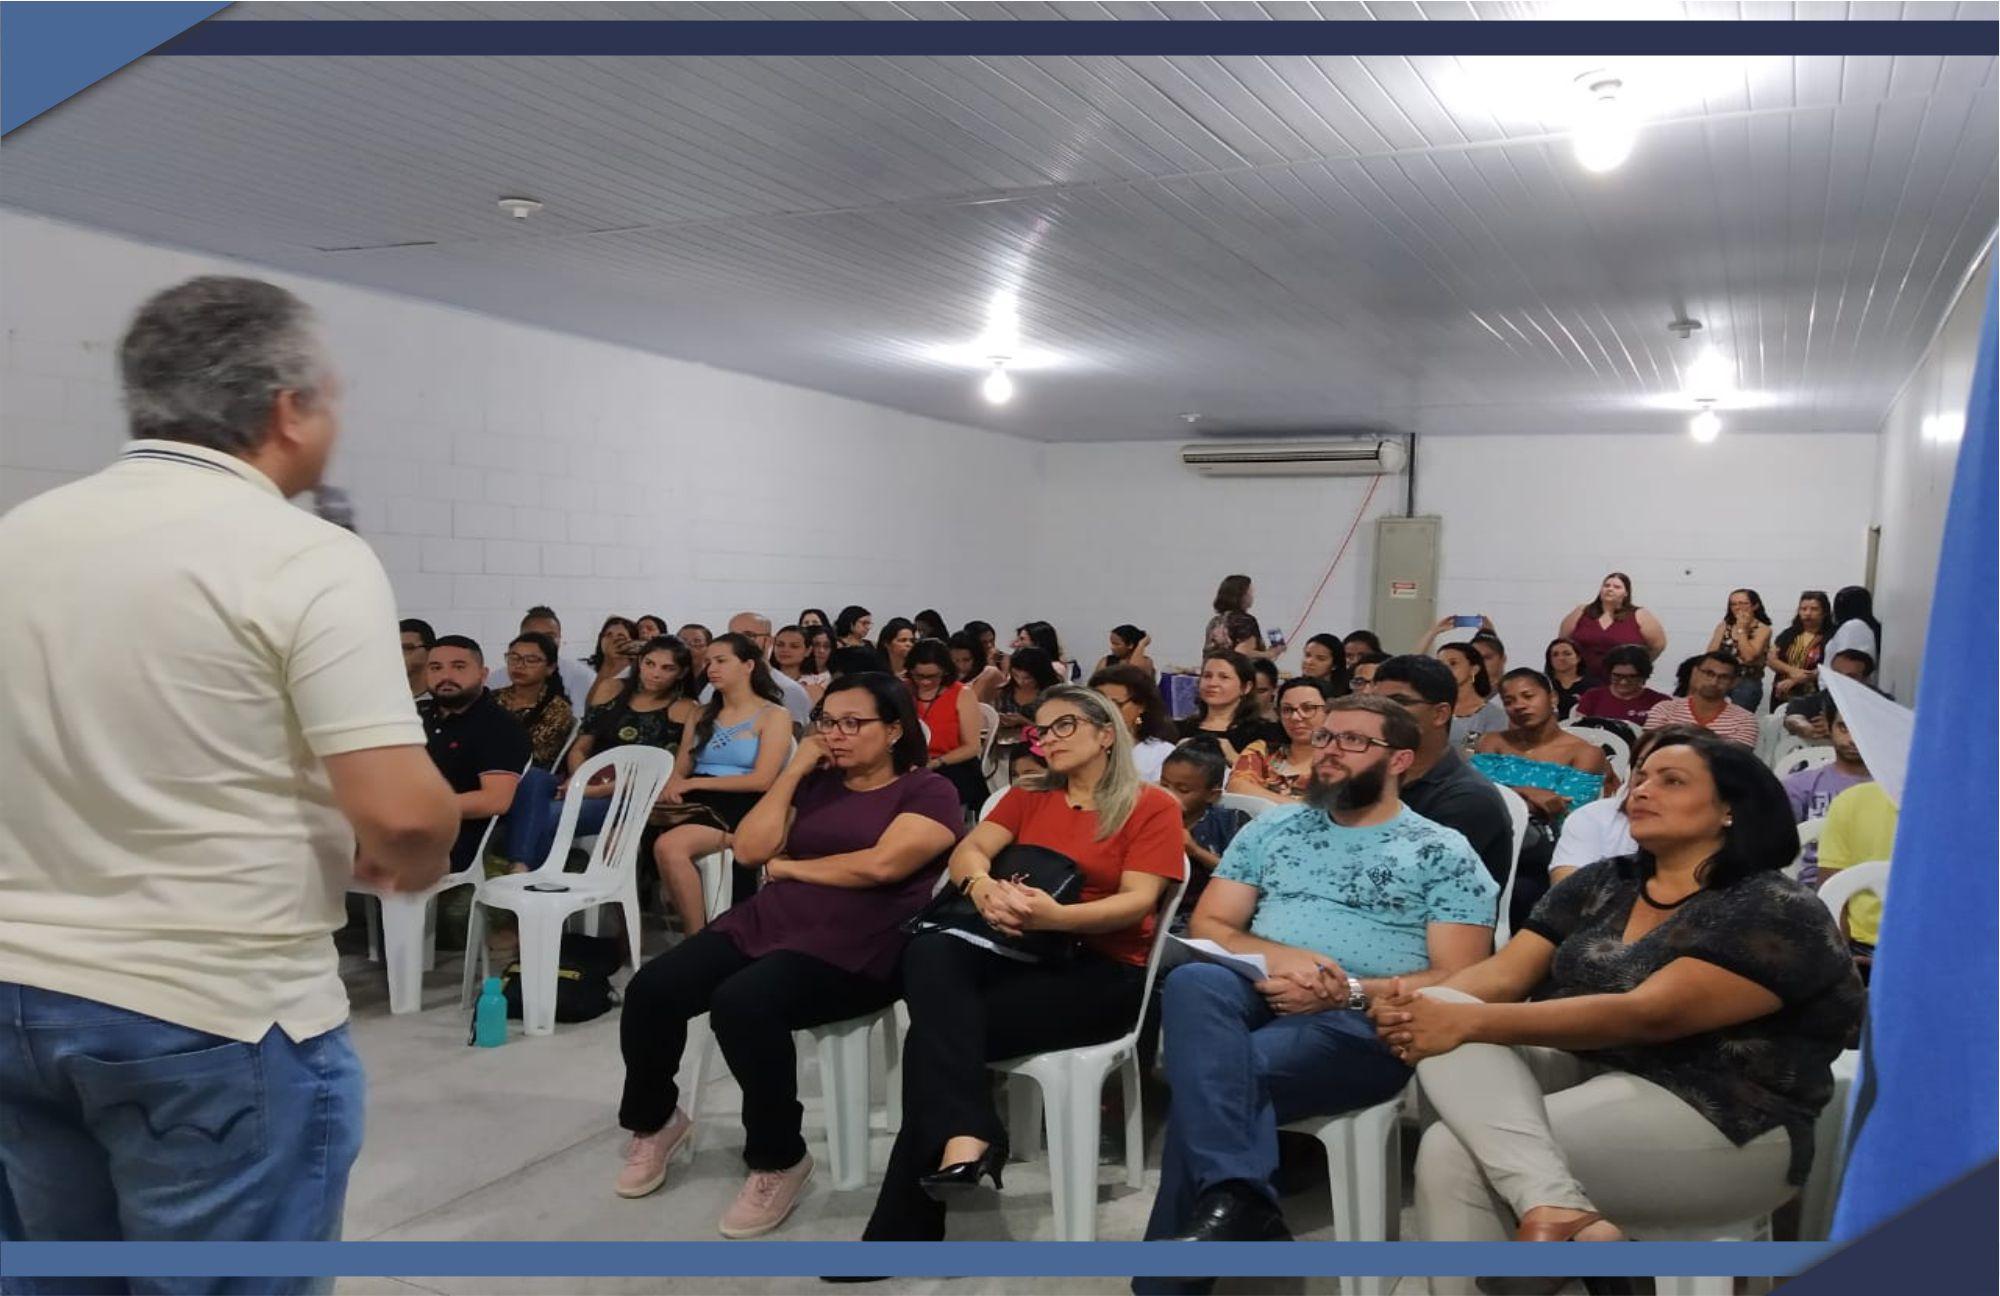 FÓRUM MUNICIPAL DE EDUCAÇÃO DE SURDOS DEBATE INCLUSÃO NA EDUCAÇÃO